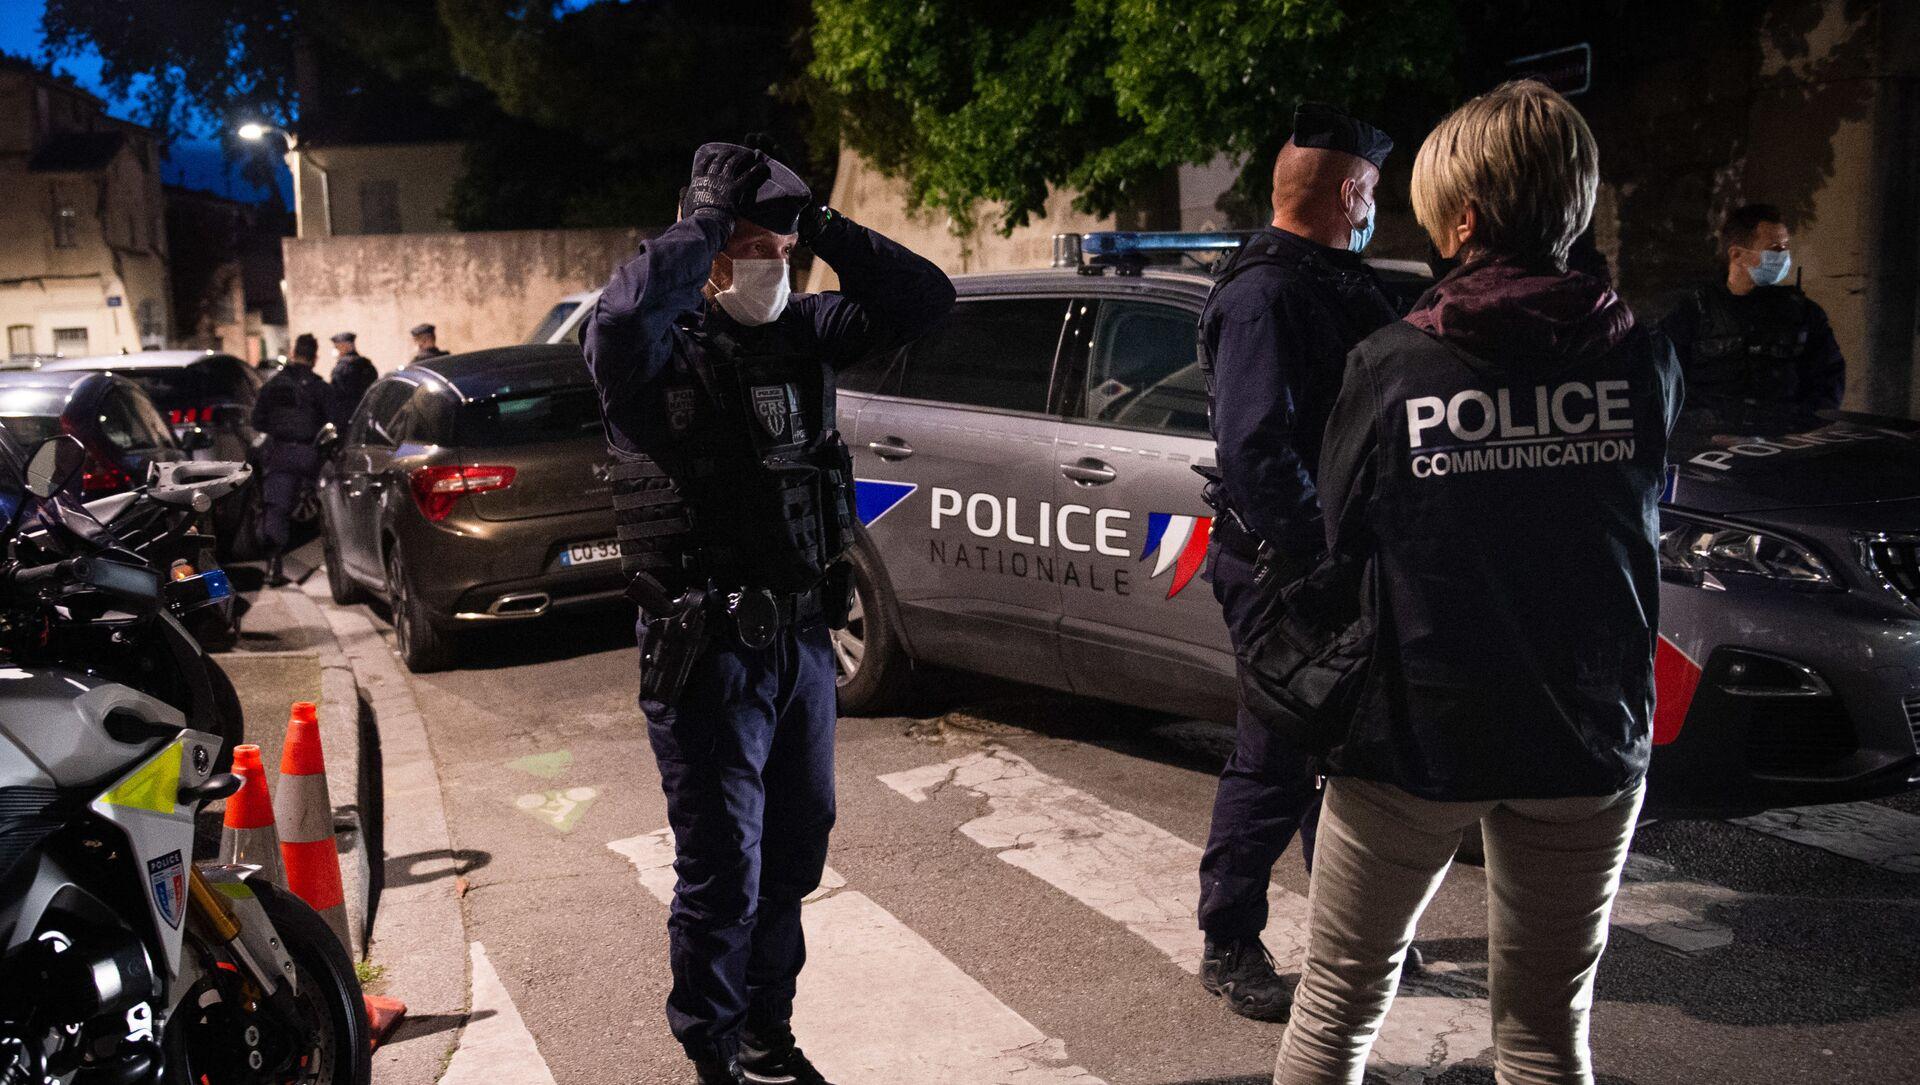 Des policiers à Avignon - Sputnik France, 1920, 02.08.2021